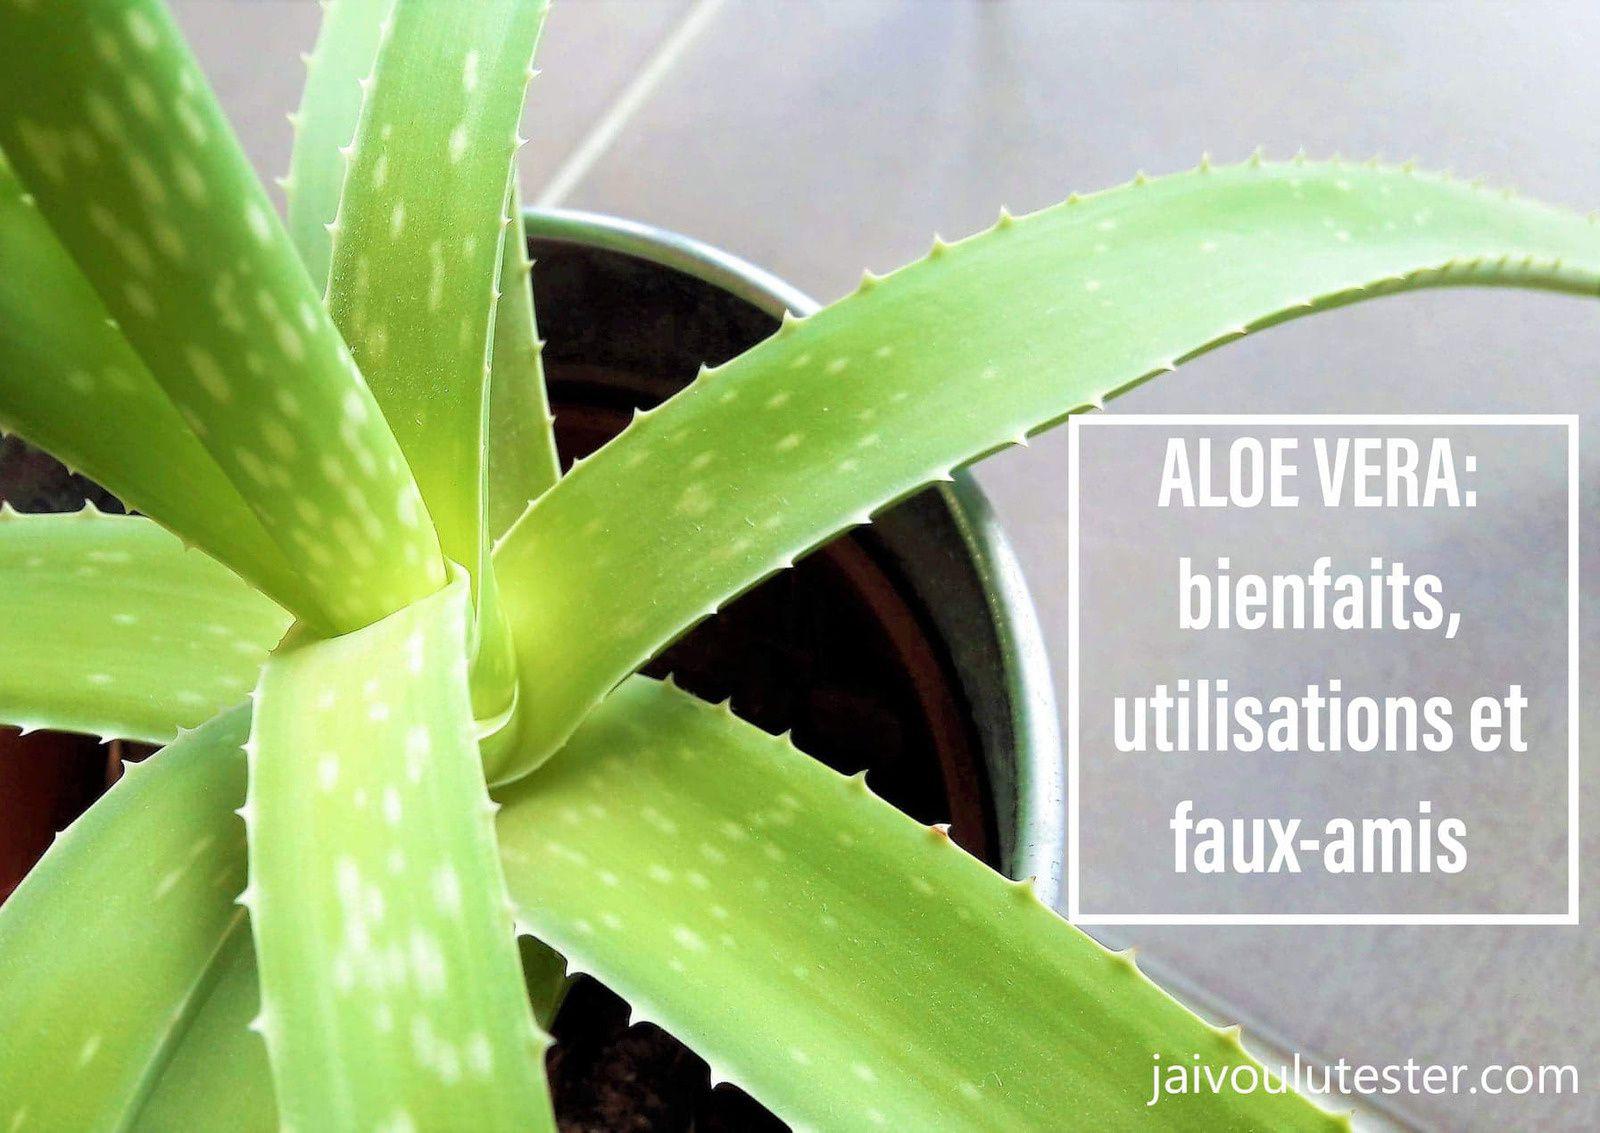 ... l'Aloe Vera: bienfaits, utilisations et faux-amis